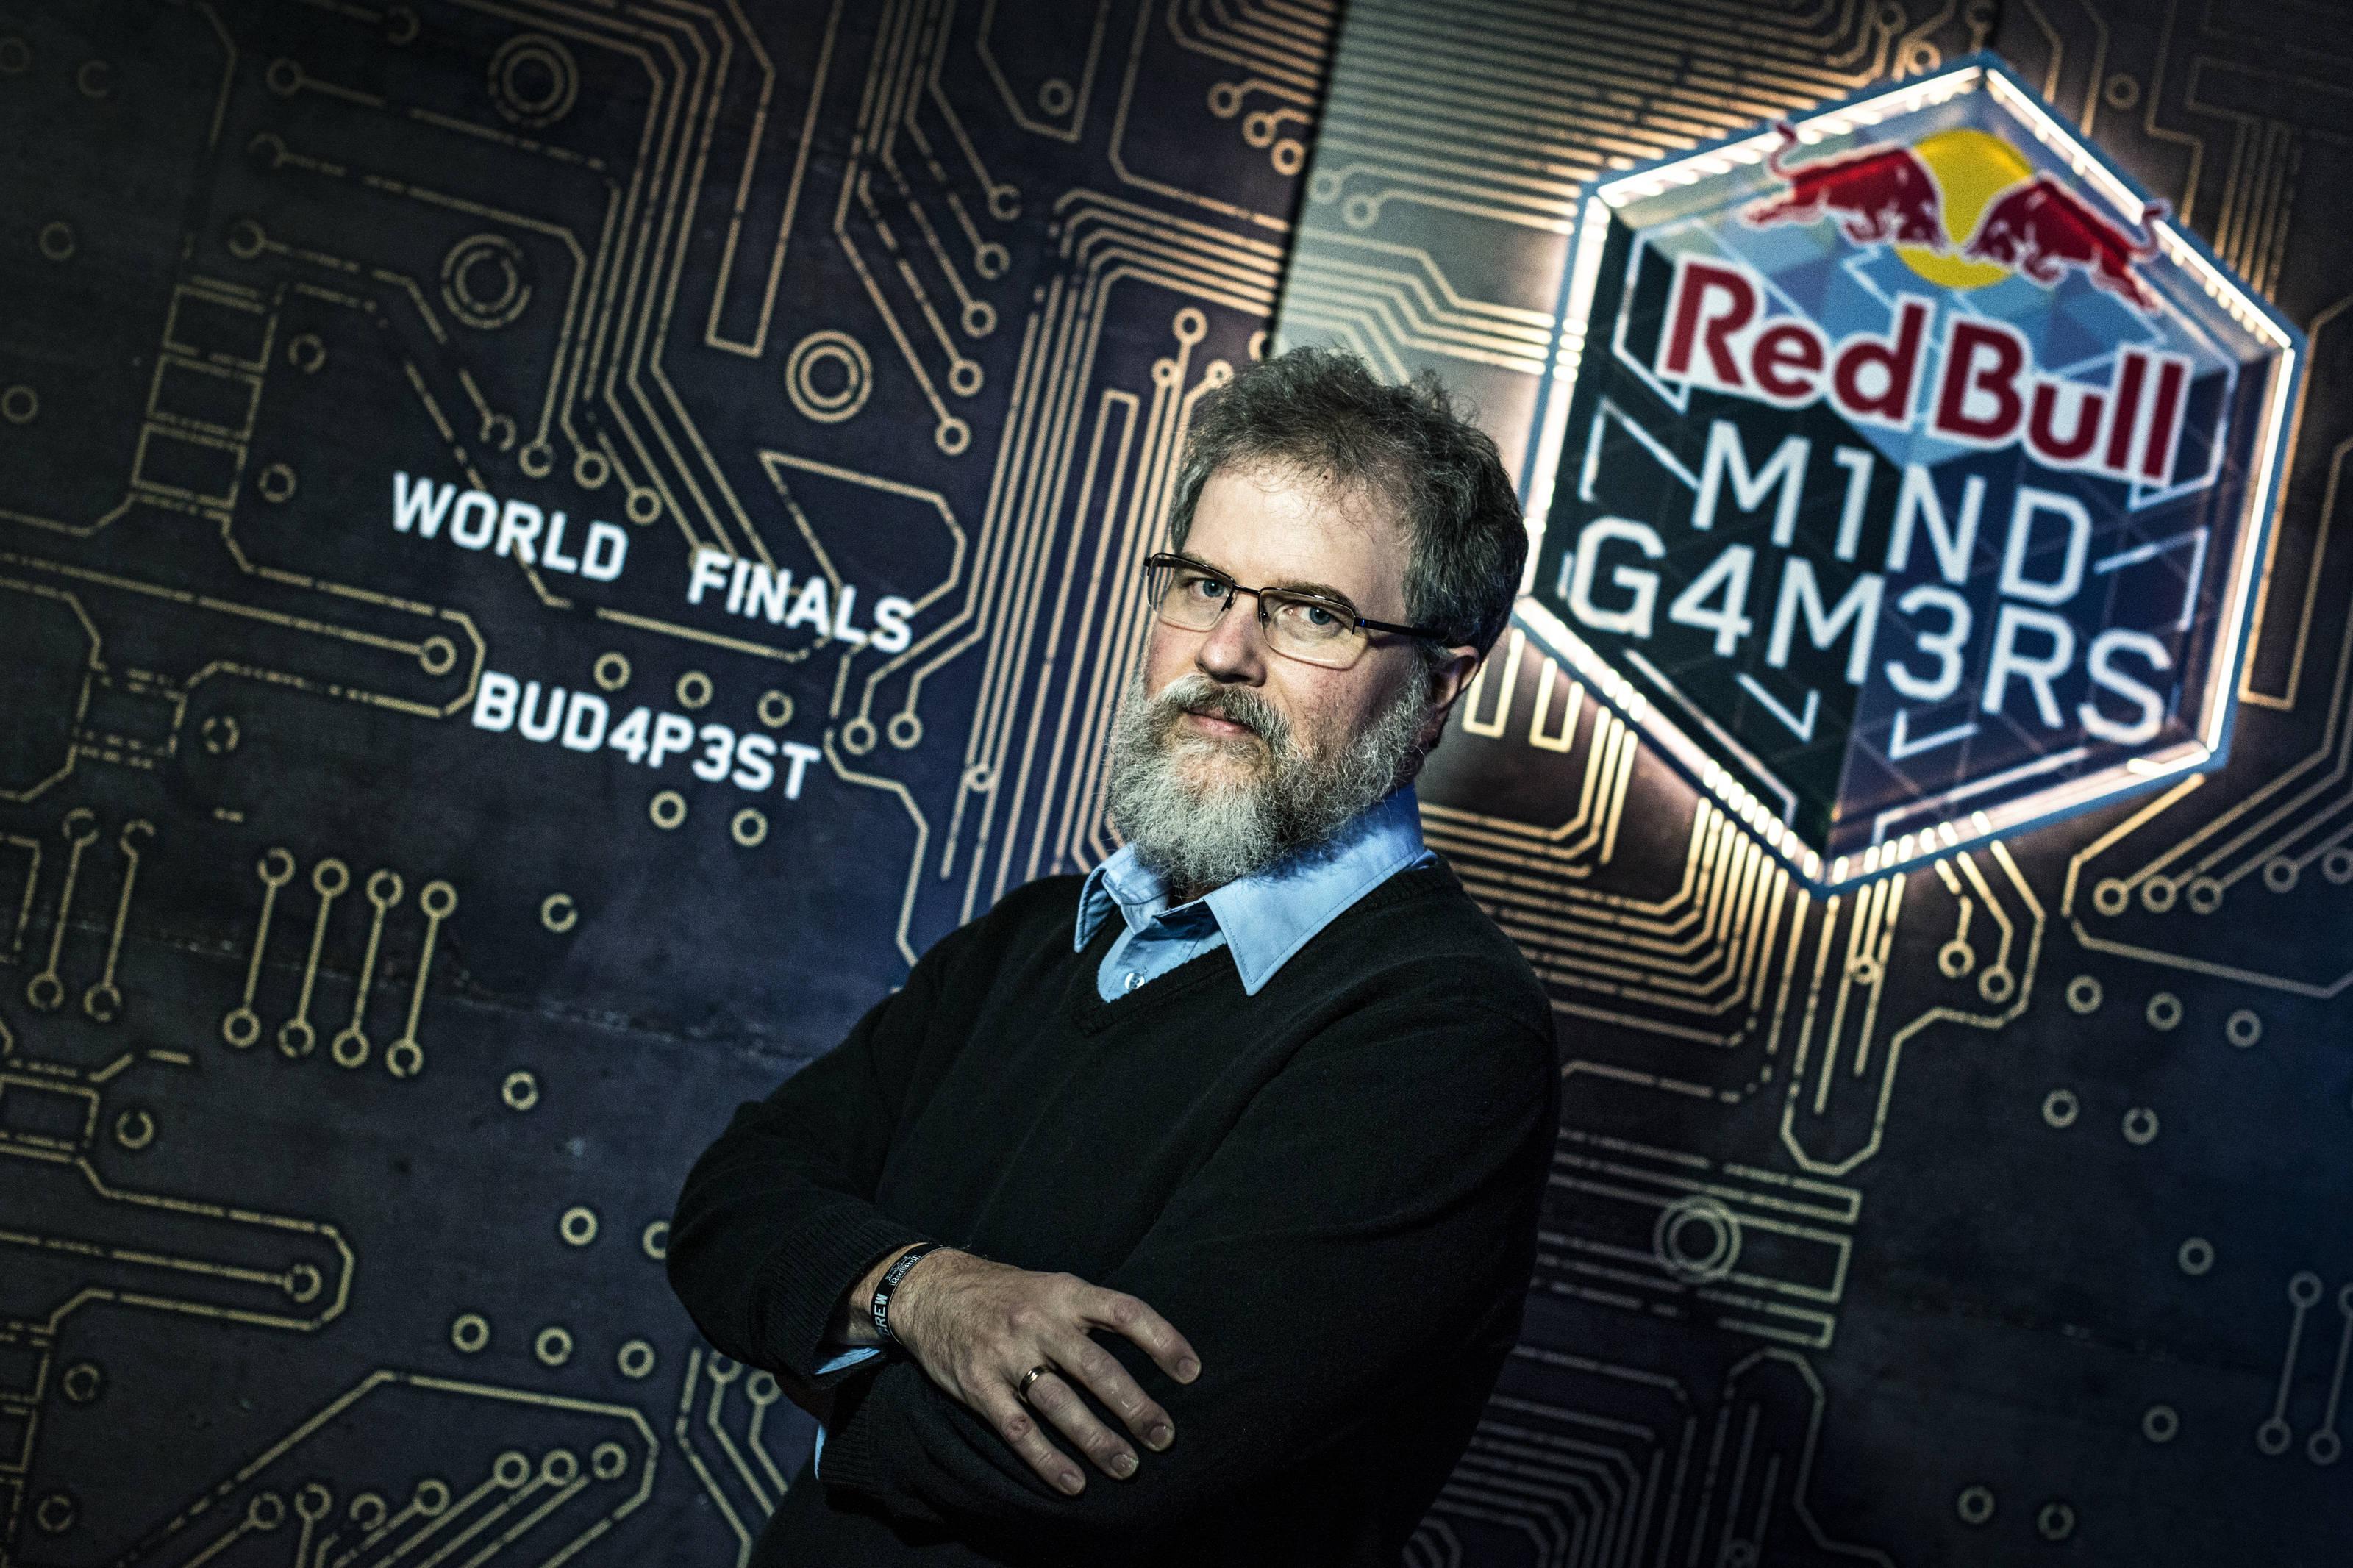 Criador de sala do campeonato mundial de escape room explica como criar o time perfeito para qualquer desafio